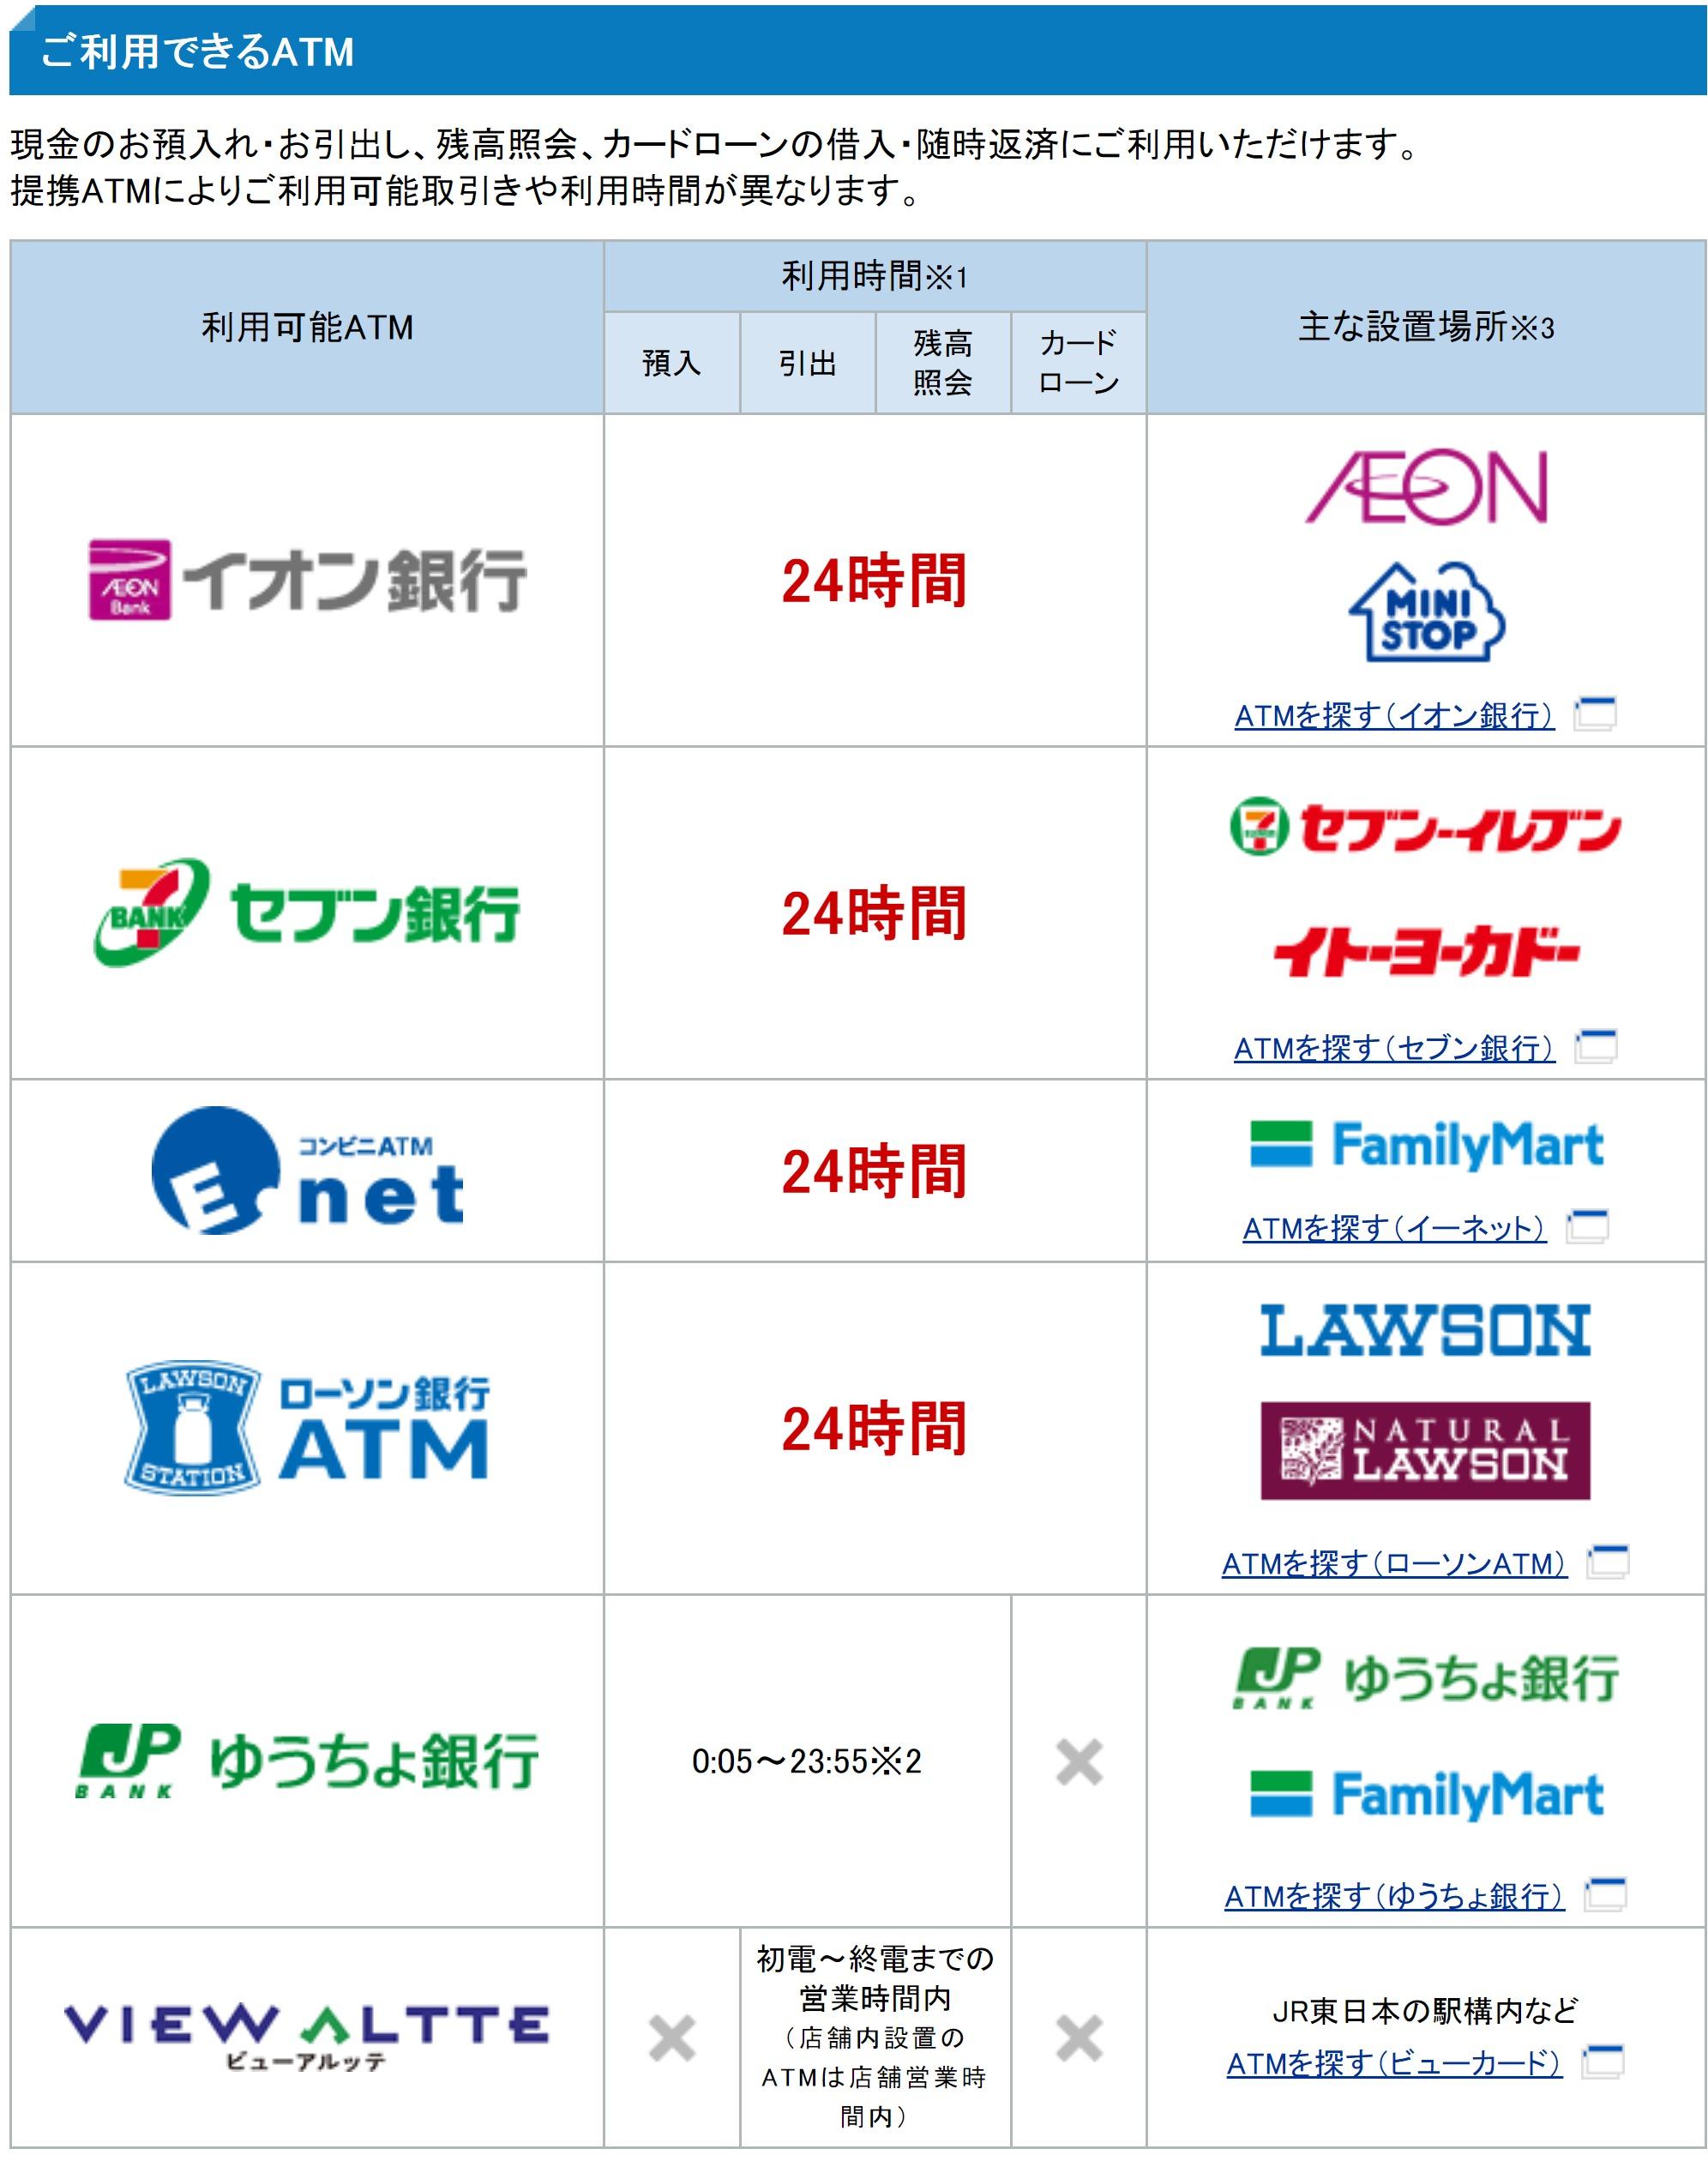 住信SBIネット銀行 ATM 利用可能時間